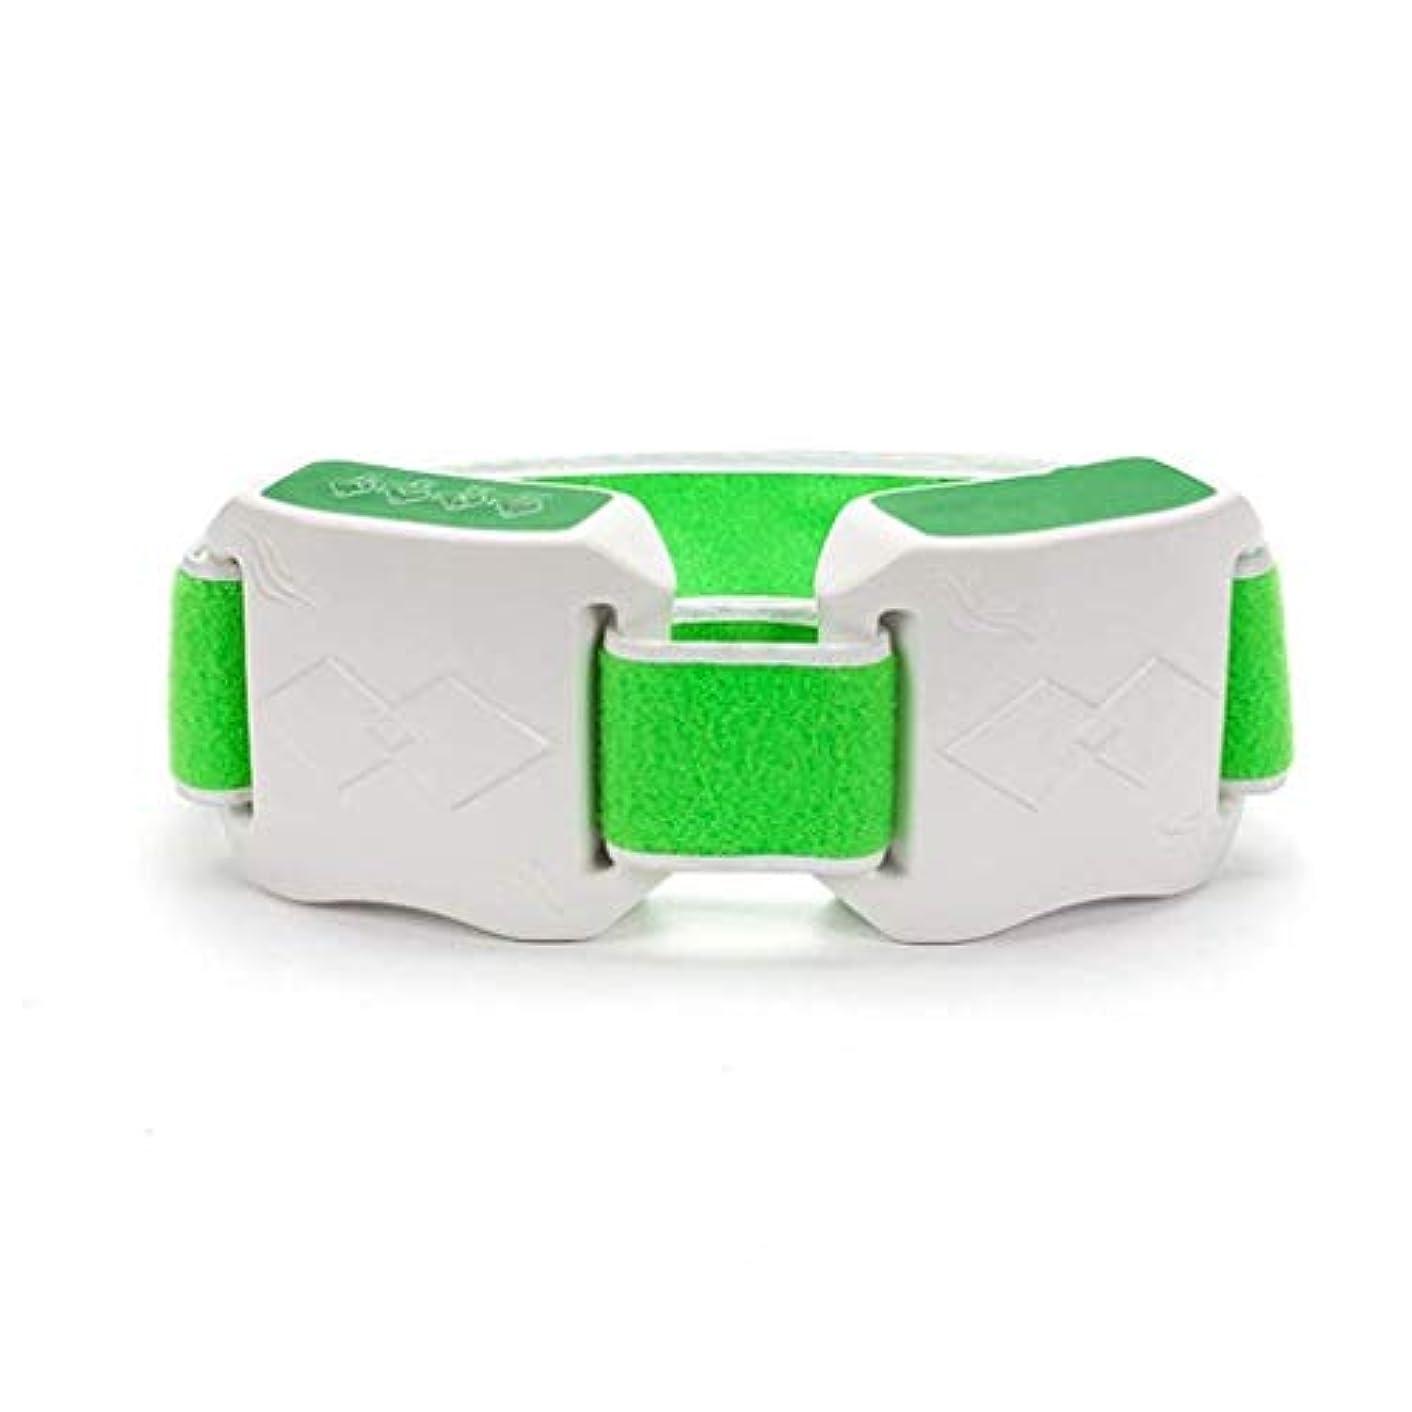 愛歯老人減量ベルト、Slim身マシン、女性Slim身ベルト、加熱/振動燃焼脂肪ベルト、腹部減量マッサージ機 (Color : 緑)